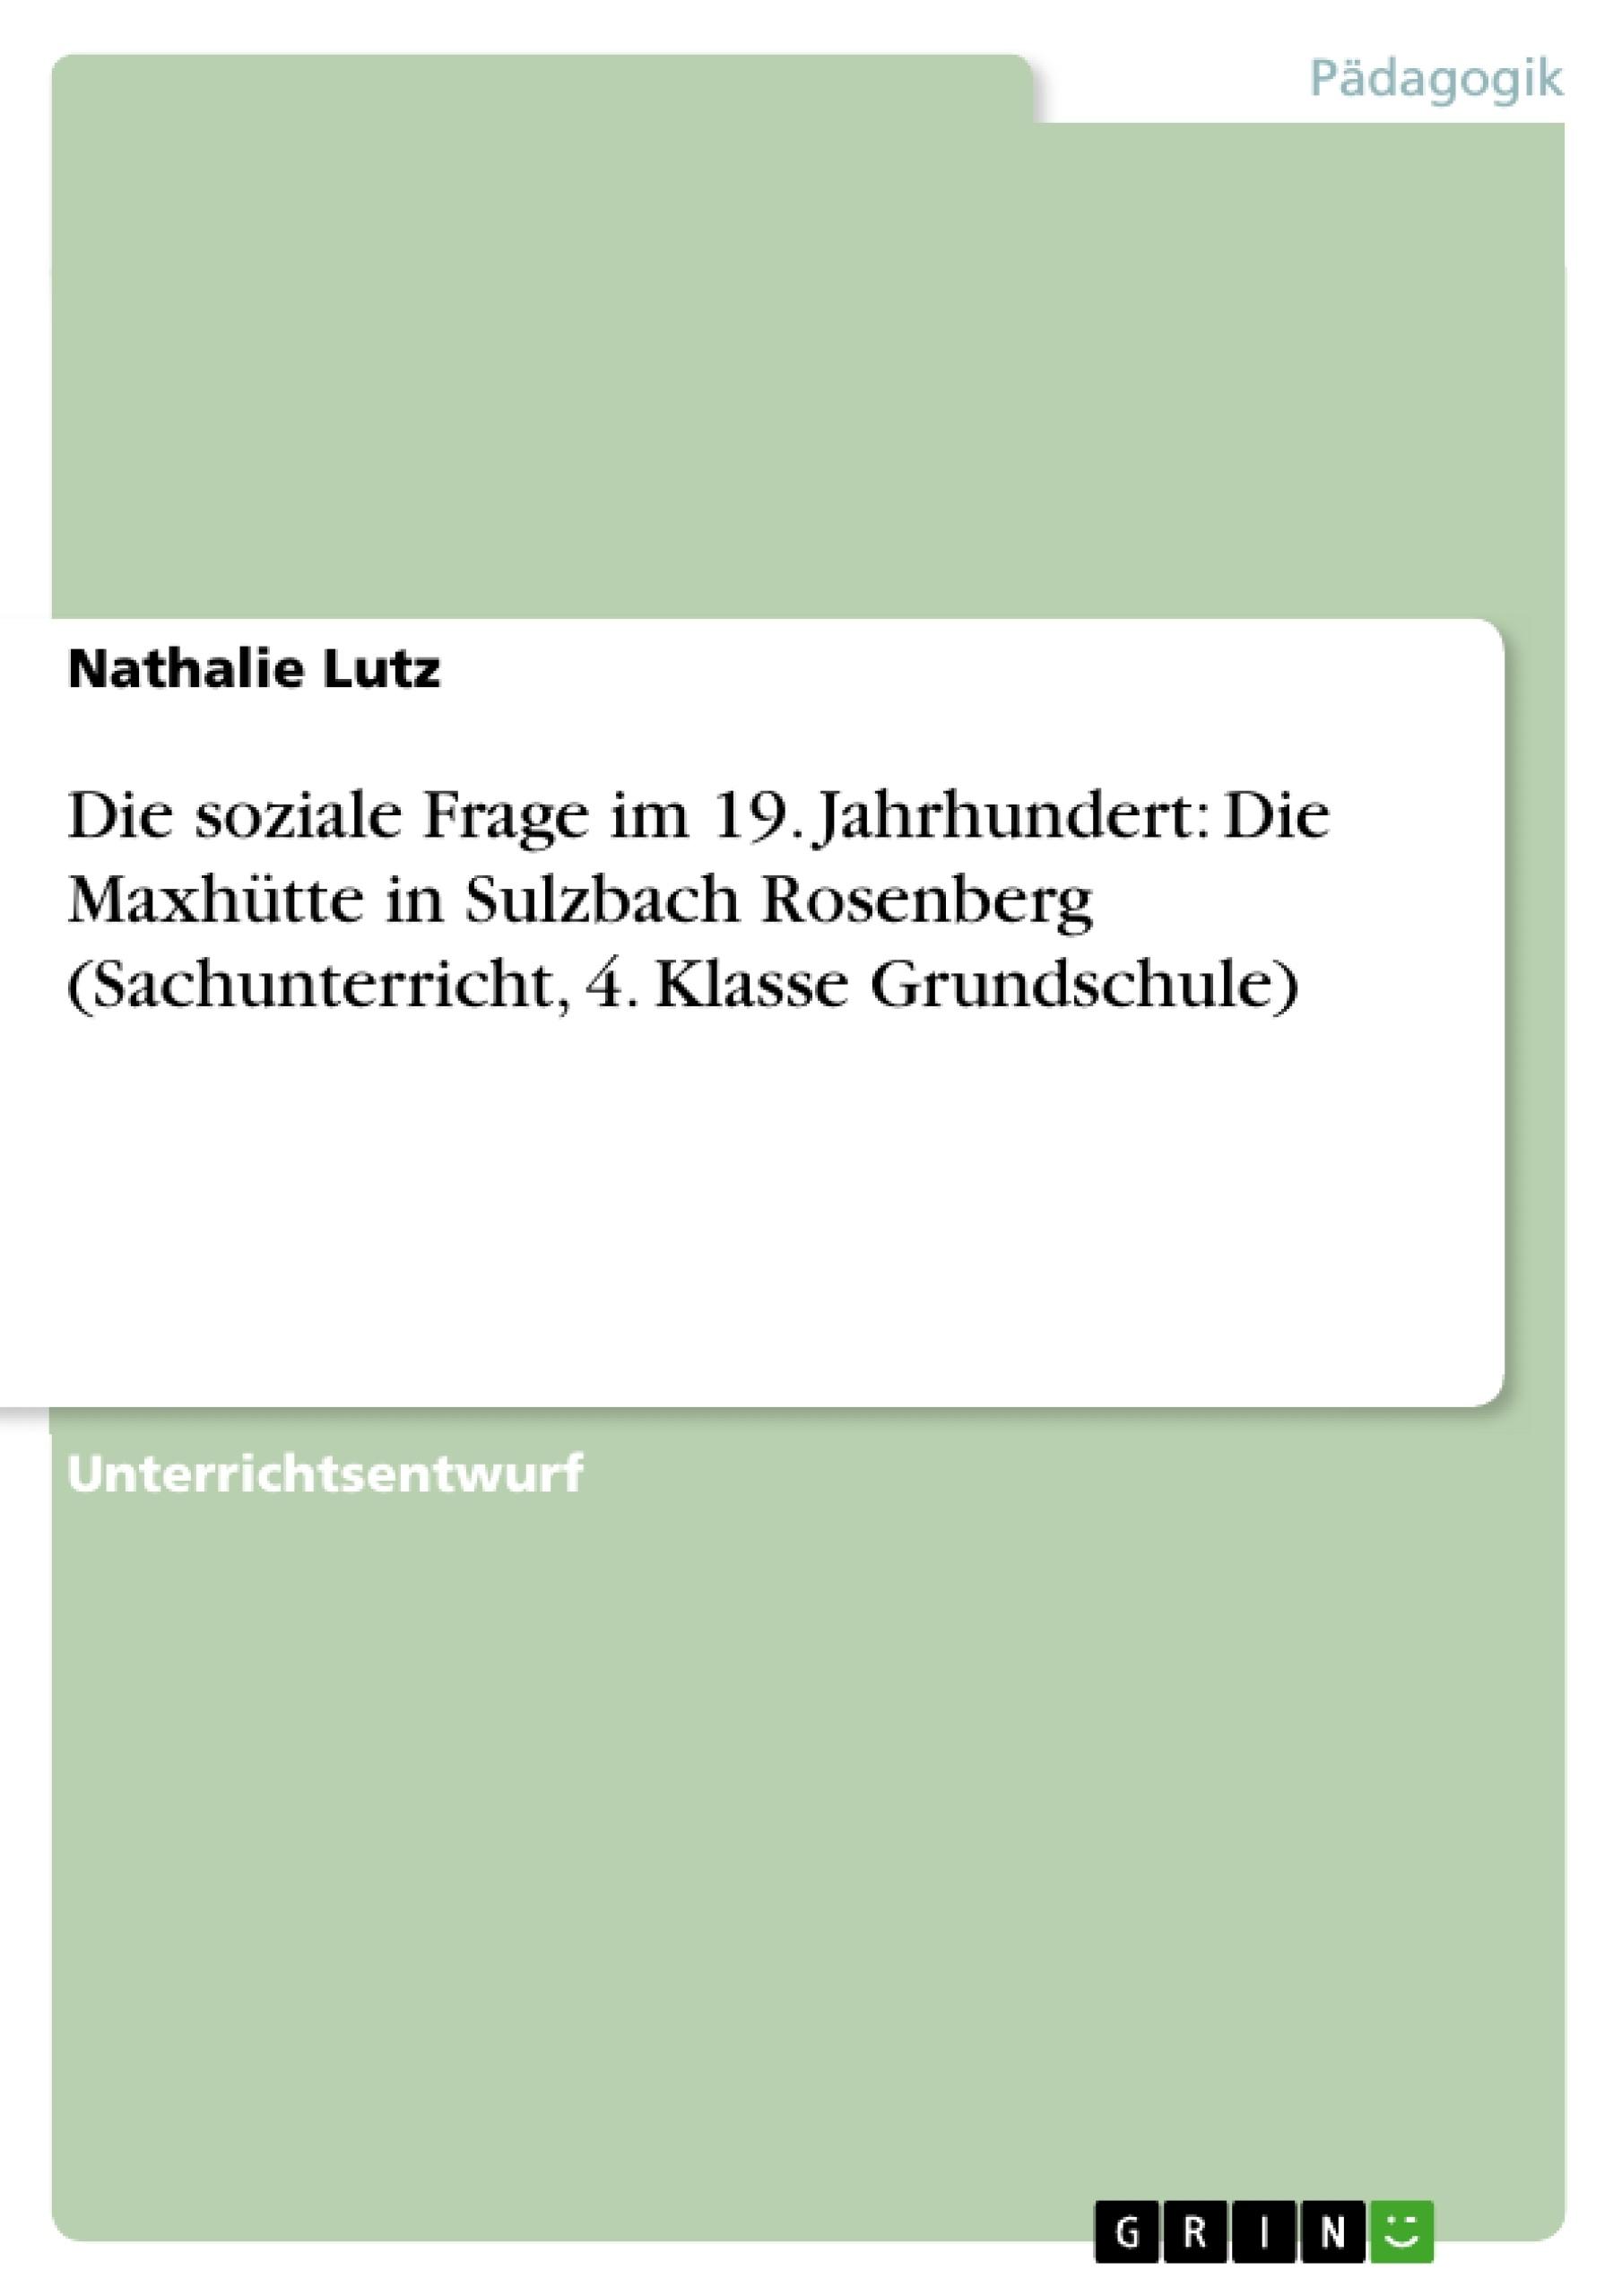 Titel: Die soziale Frage im 19. Jahrhundert: Die Maxhütte in Sulzbach Rosenberg (Sachunterricht, 4. Klasse Grundschule)